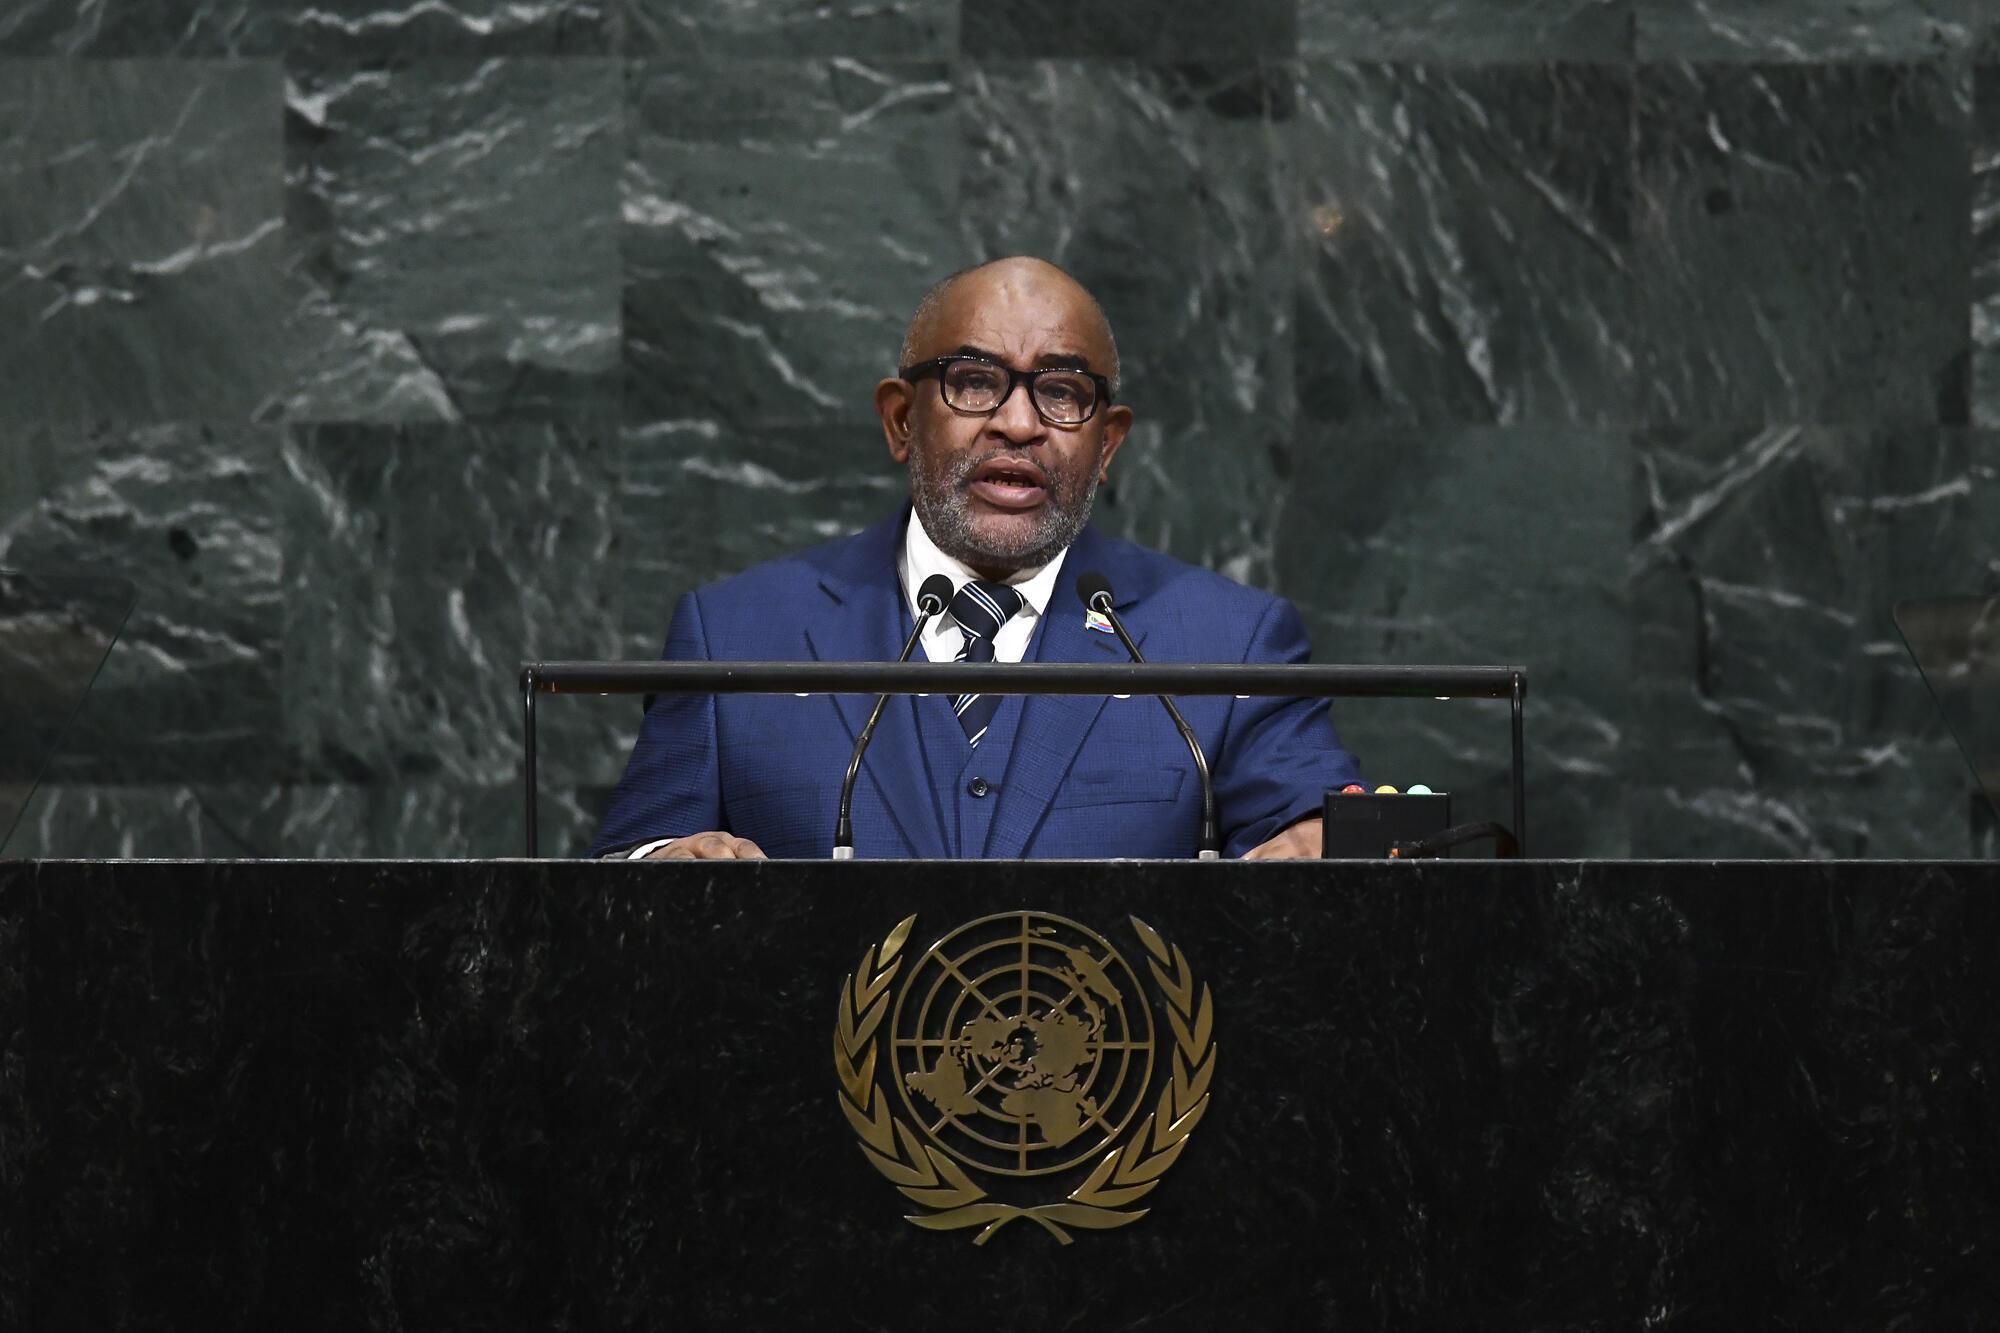 Le président comorien Azali Assoumani lorsqu'il s'adresse à la tribune des Nations Unis le 21 septembre 2017.